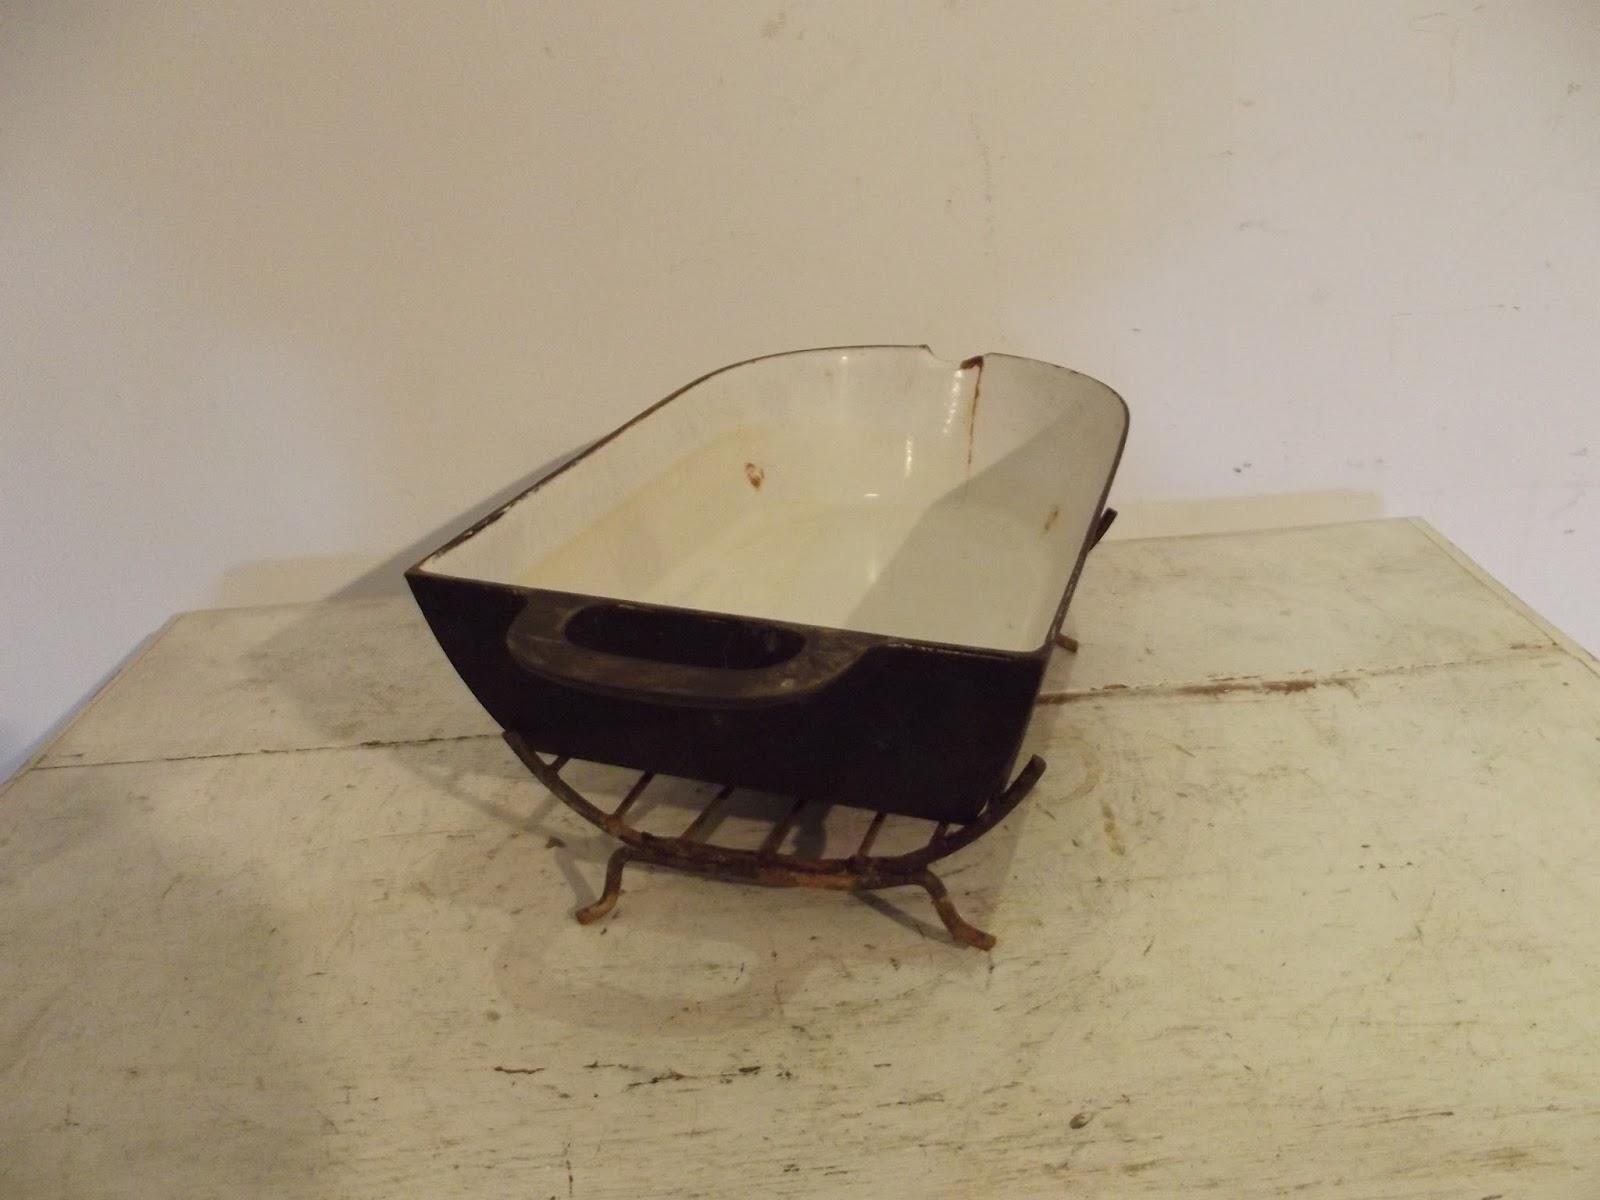 l che frite plat a jus en fonte pour tourne broche de. Black Bedroom Furniture Sets. Home Design Ideas